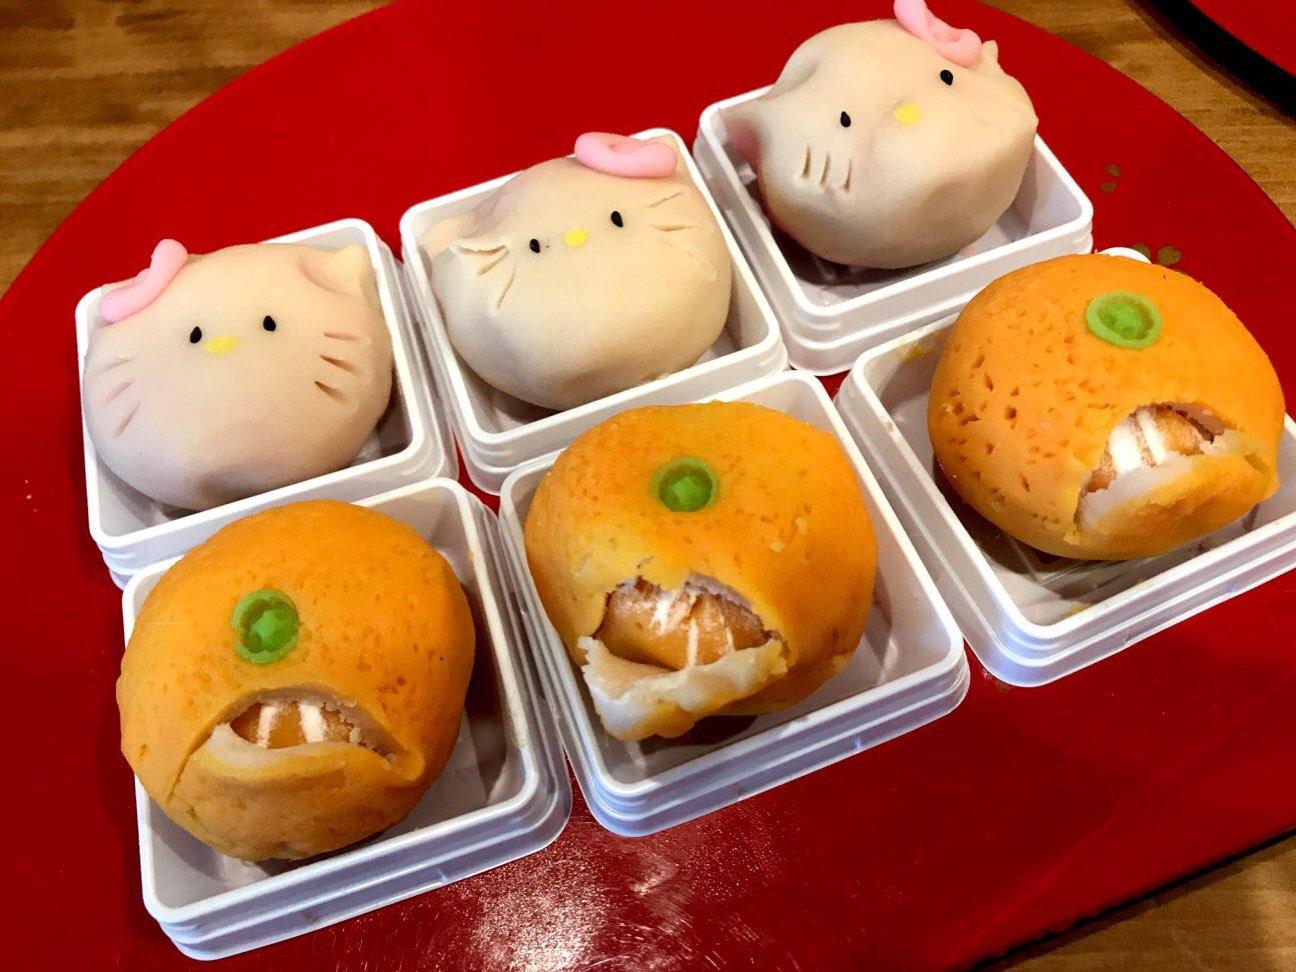 【中原松月堂】熊本で和菓子づくり体験!4歳もできた@菊池体験プラン